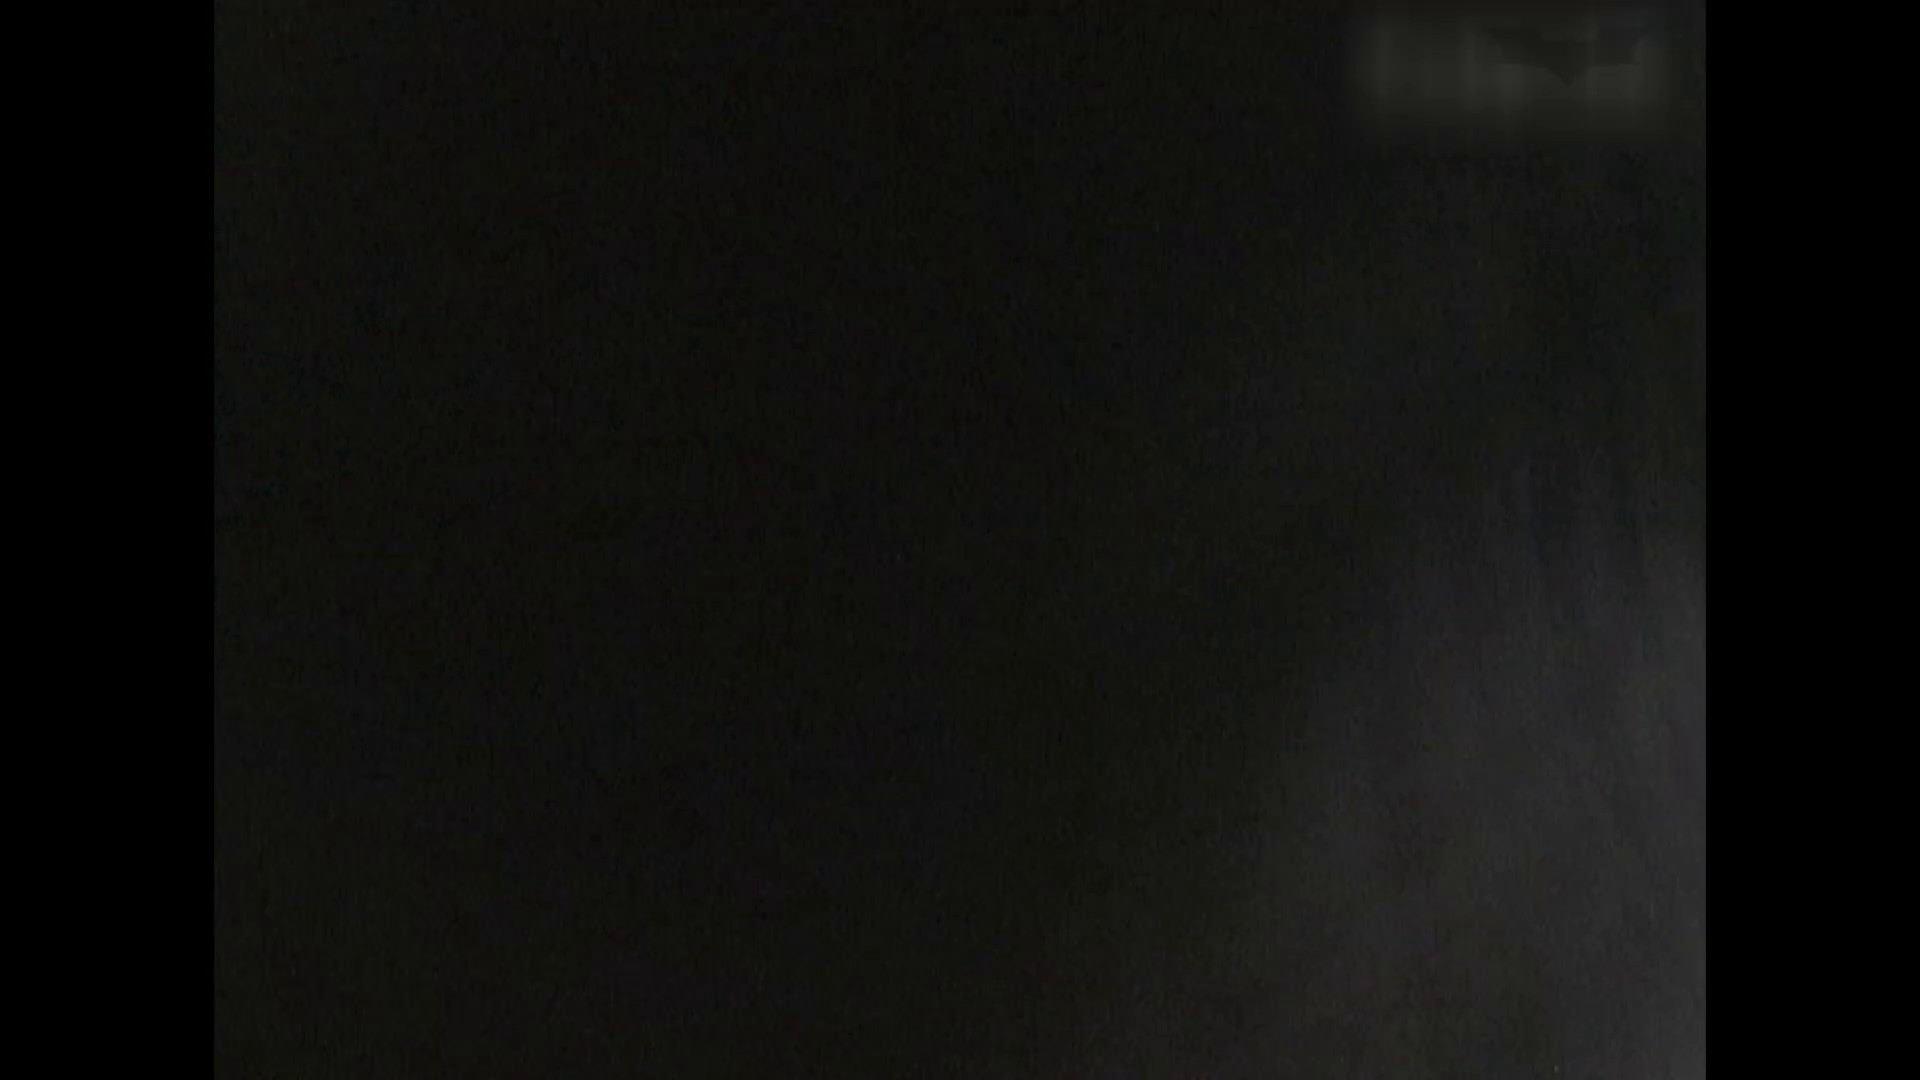 ピカ満グロ満KAWAYA物語 期間限定神キタ!ツルピカの放nyo!Vol.22 パイパン  43連発 12